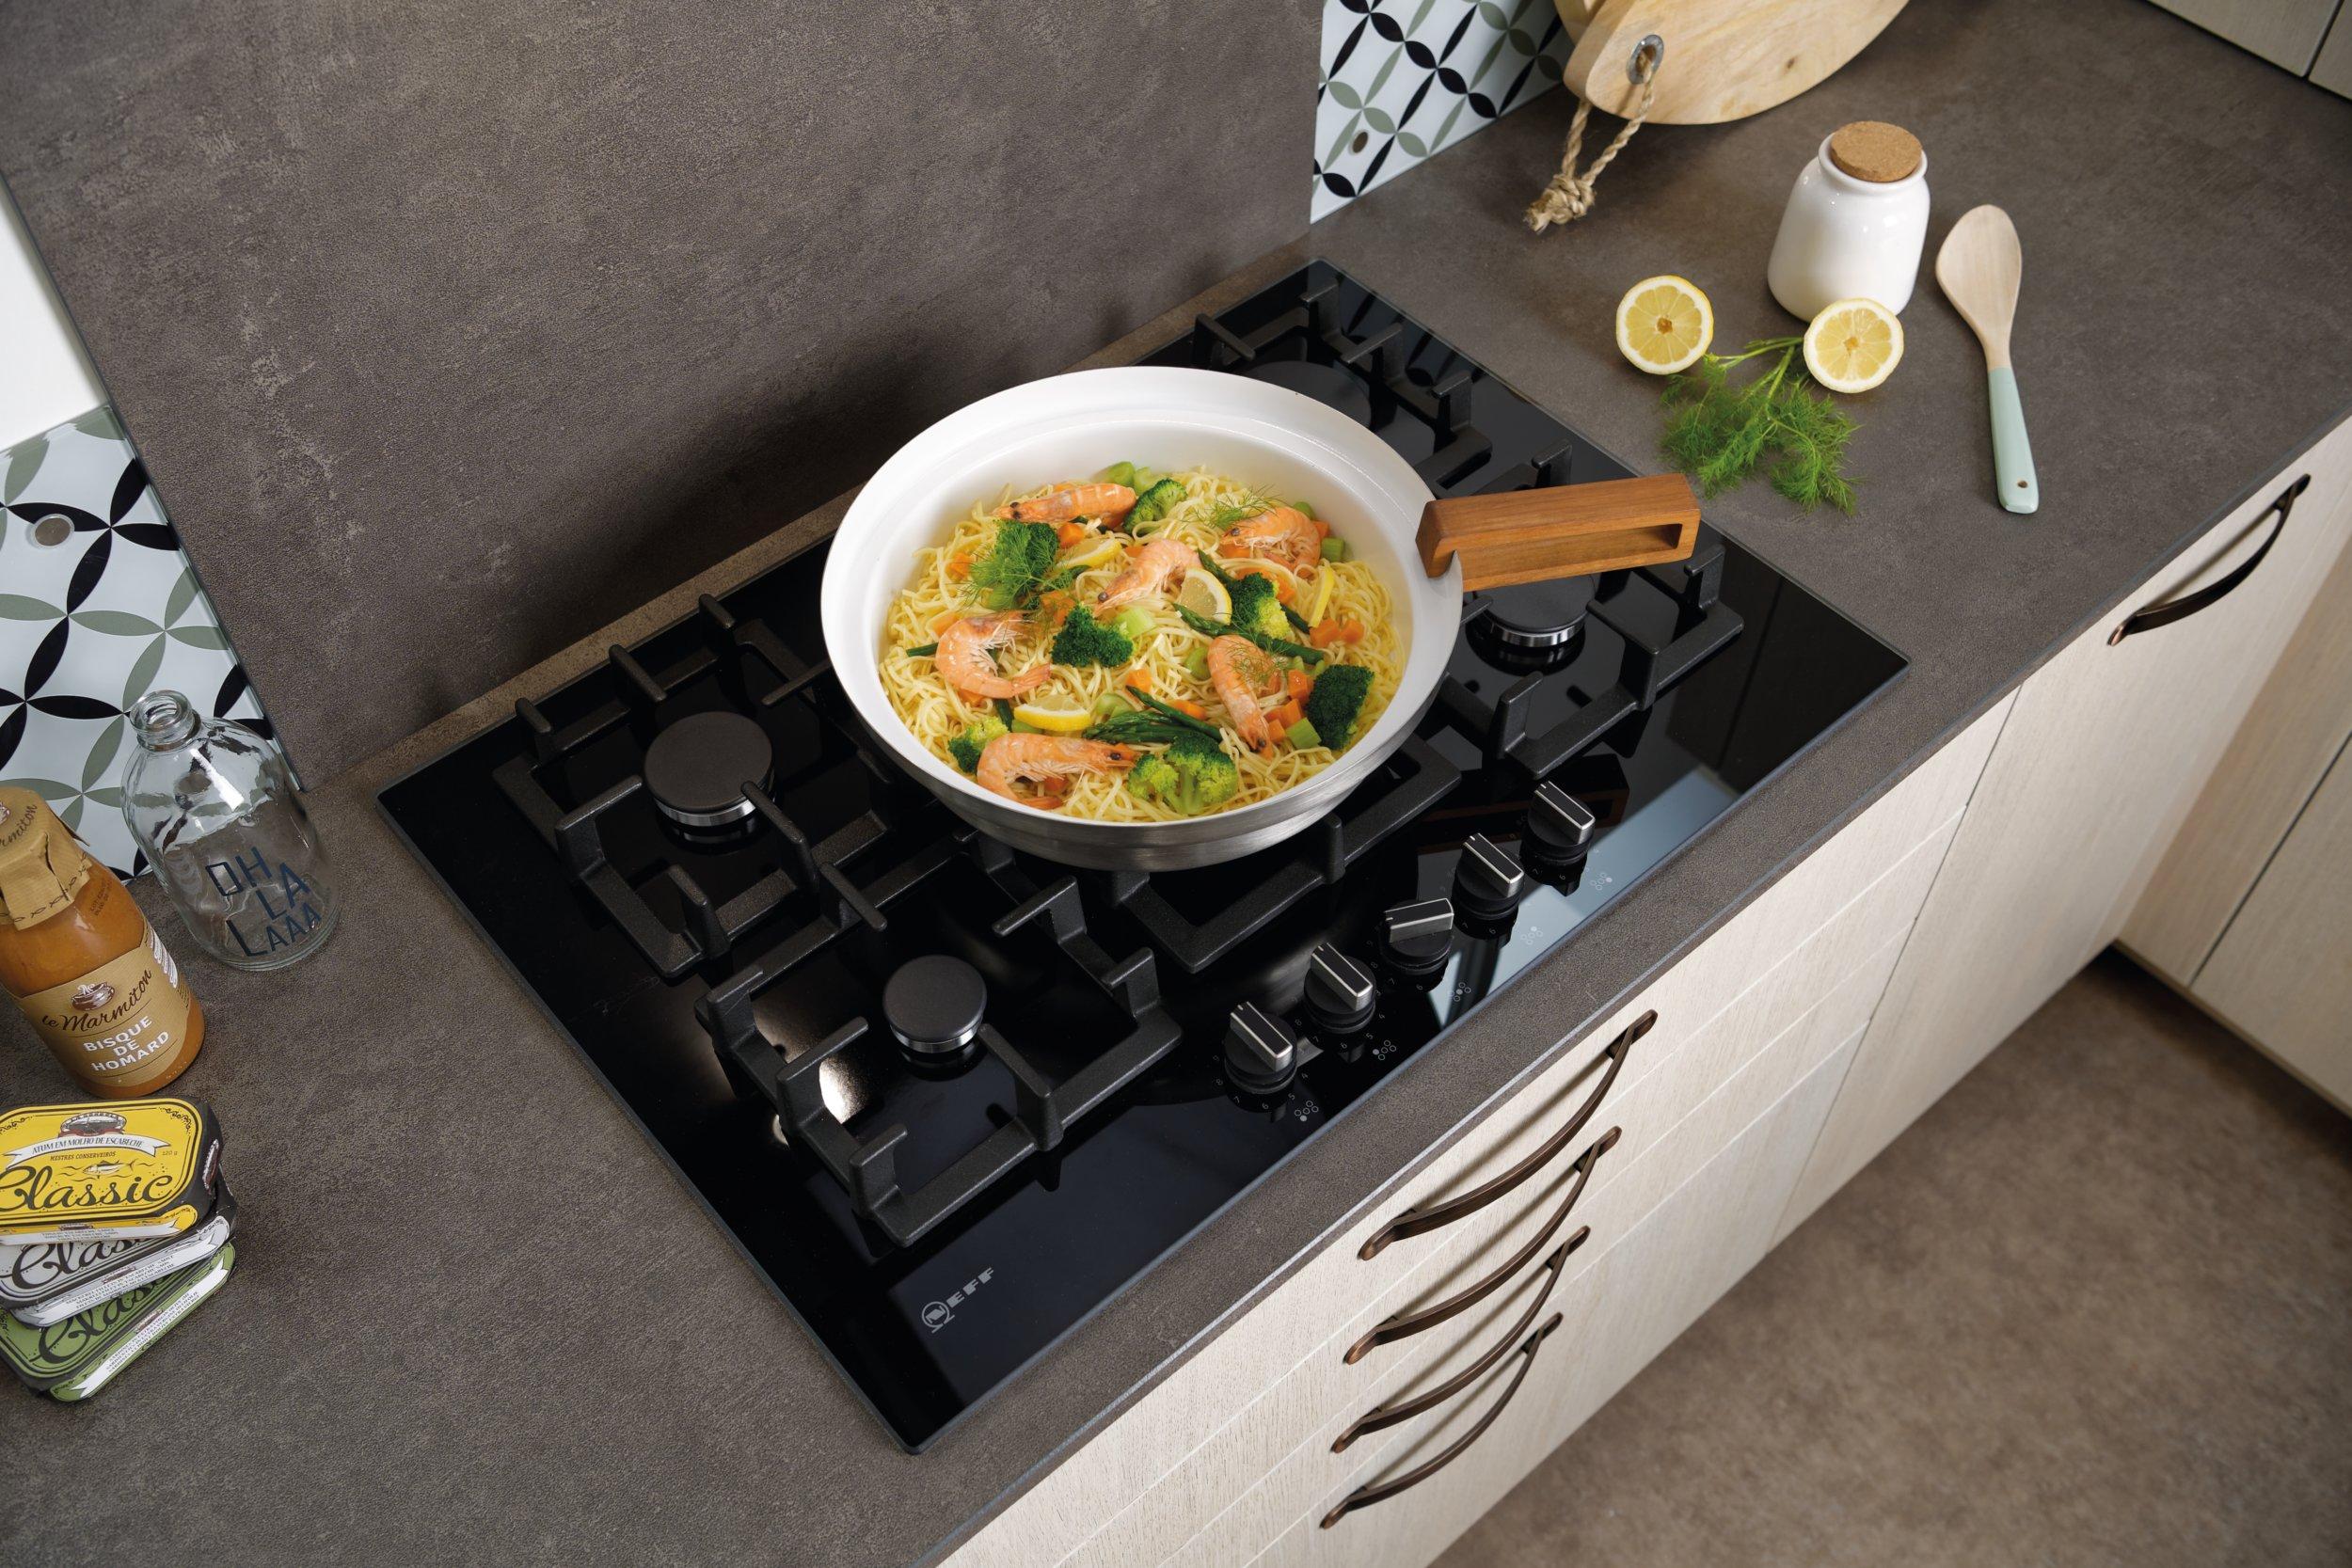 Cuisine Au Gaz Ou Induction quelle plaque de cuisson choisir ? gaz, induction, mixte